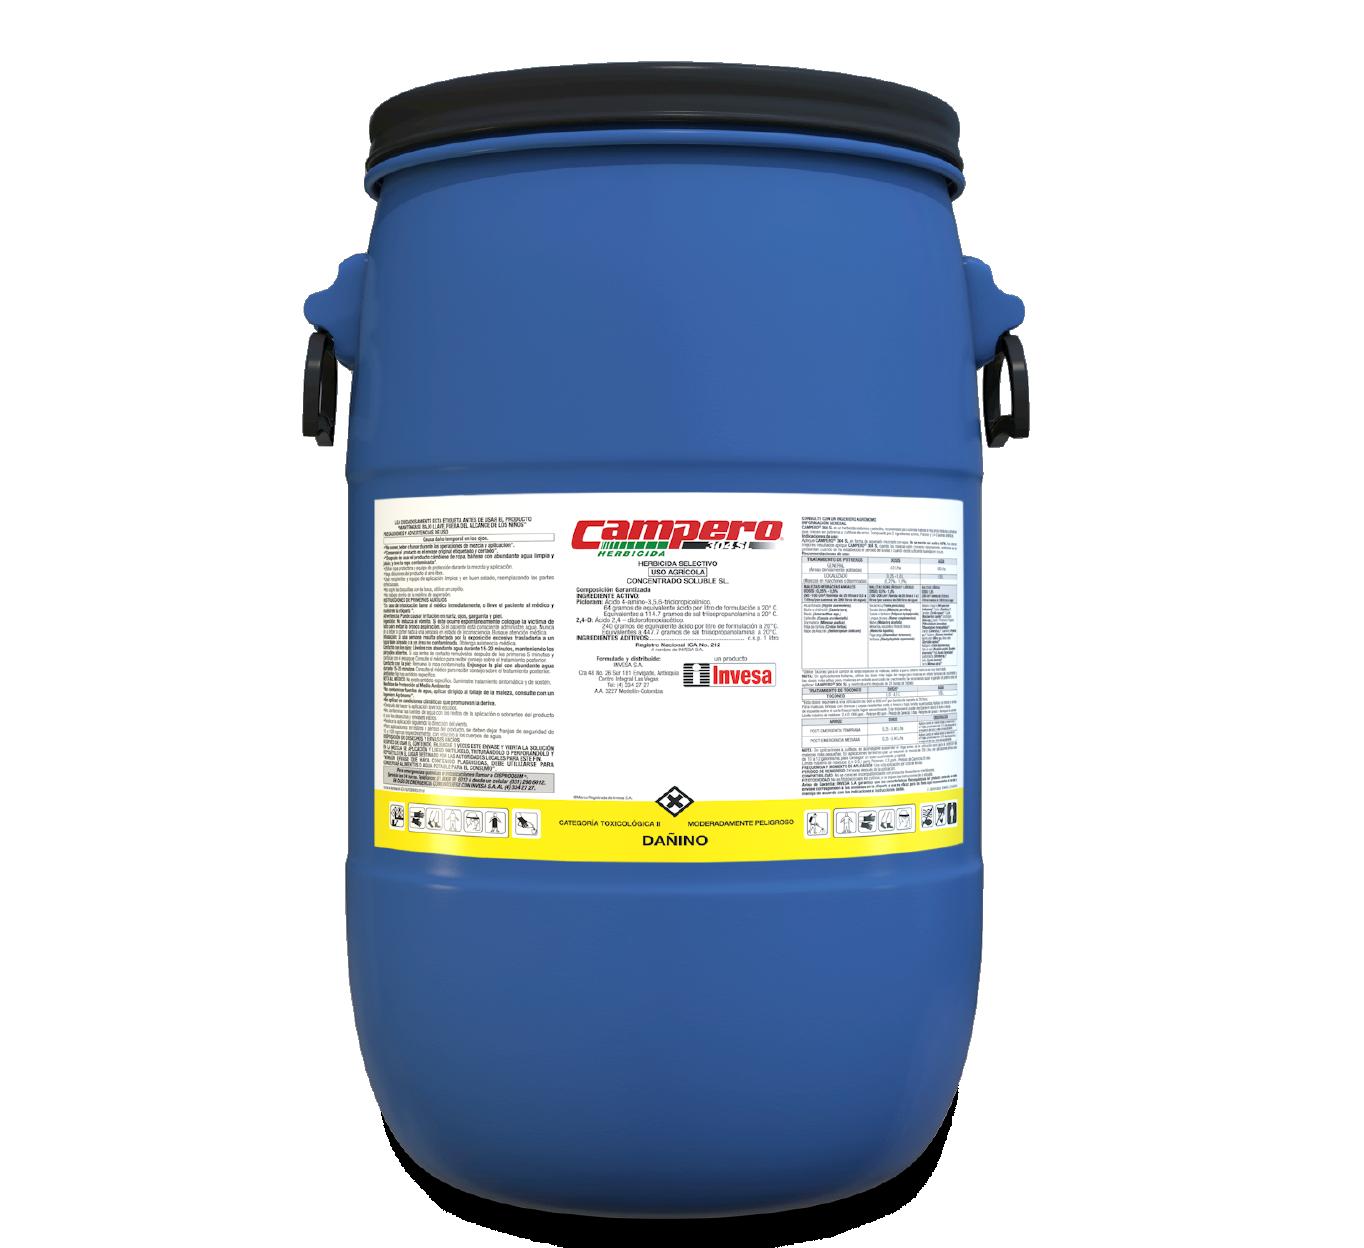 Herbicida campero 304 sl invesa 60 litros